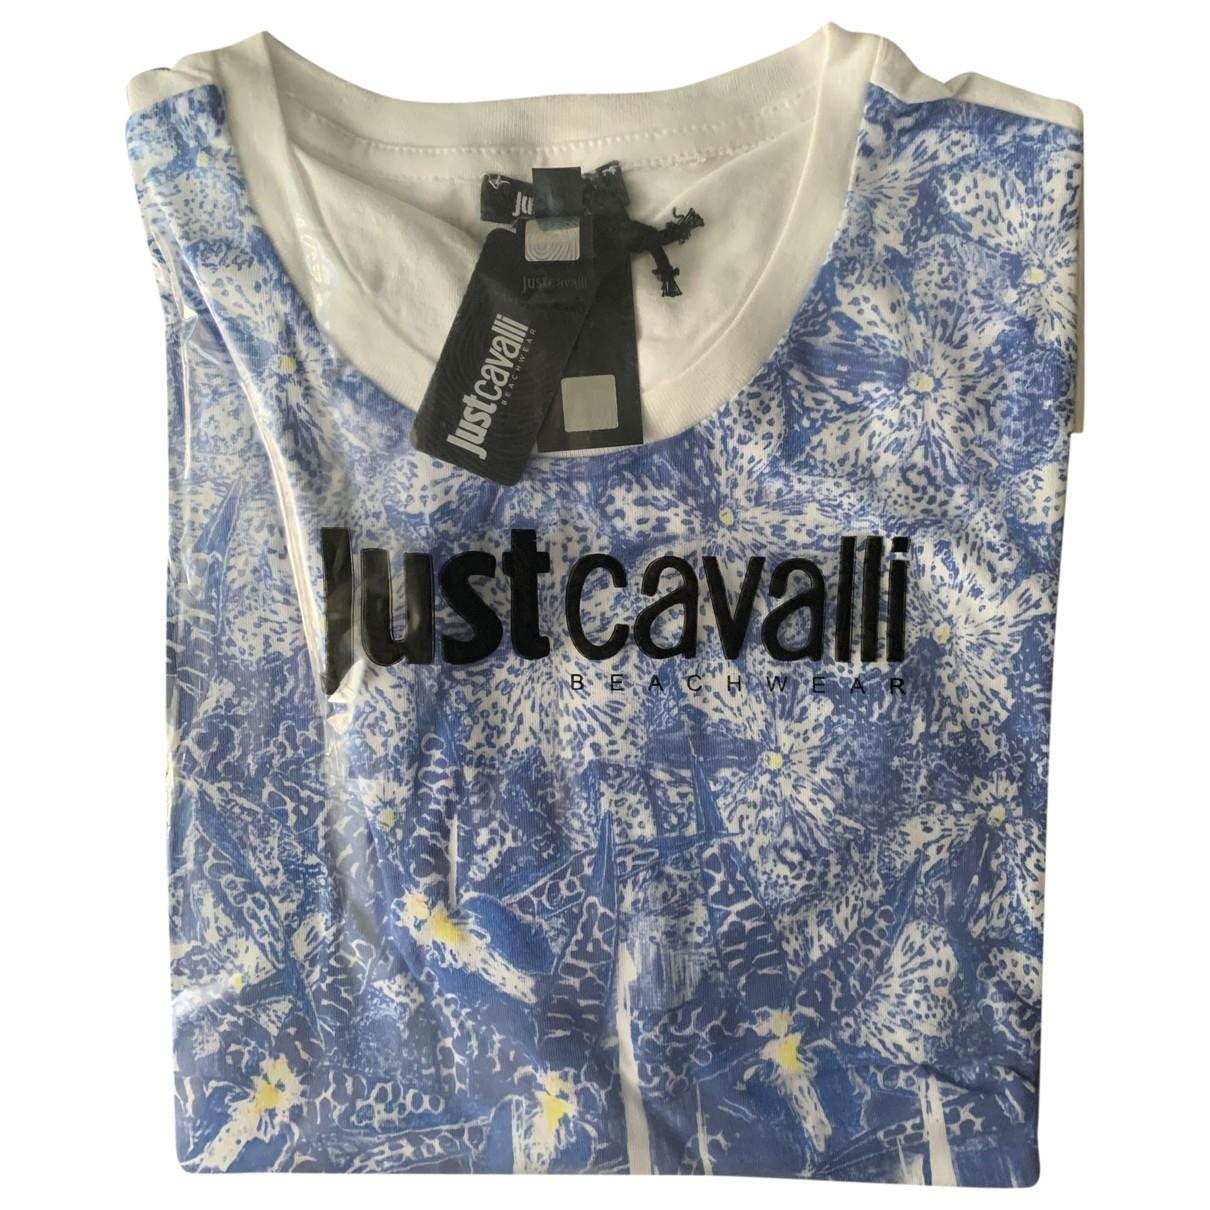 Just Cavalli - Tee shirts   pour homme en coton - bleu